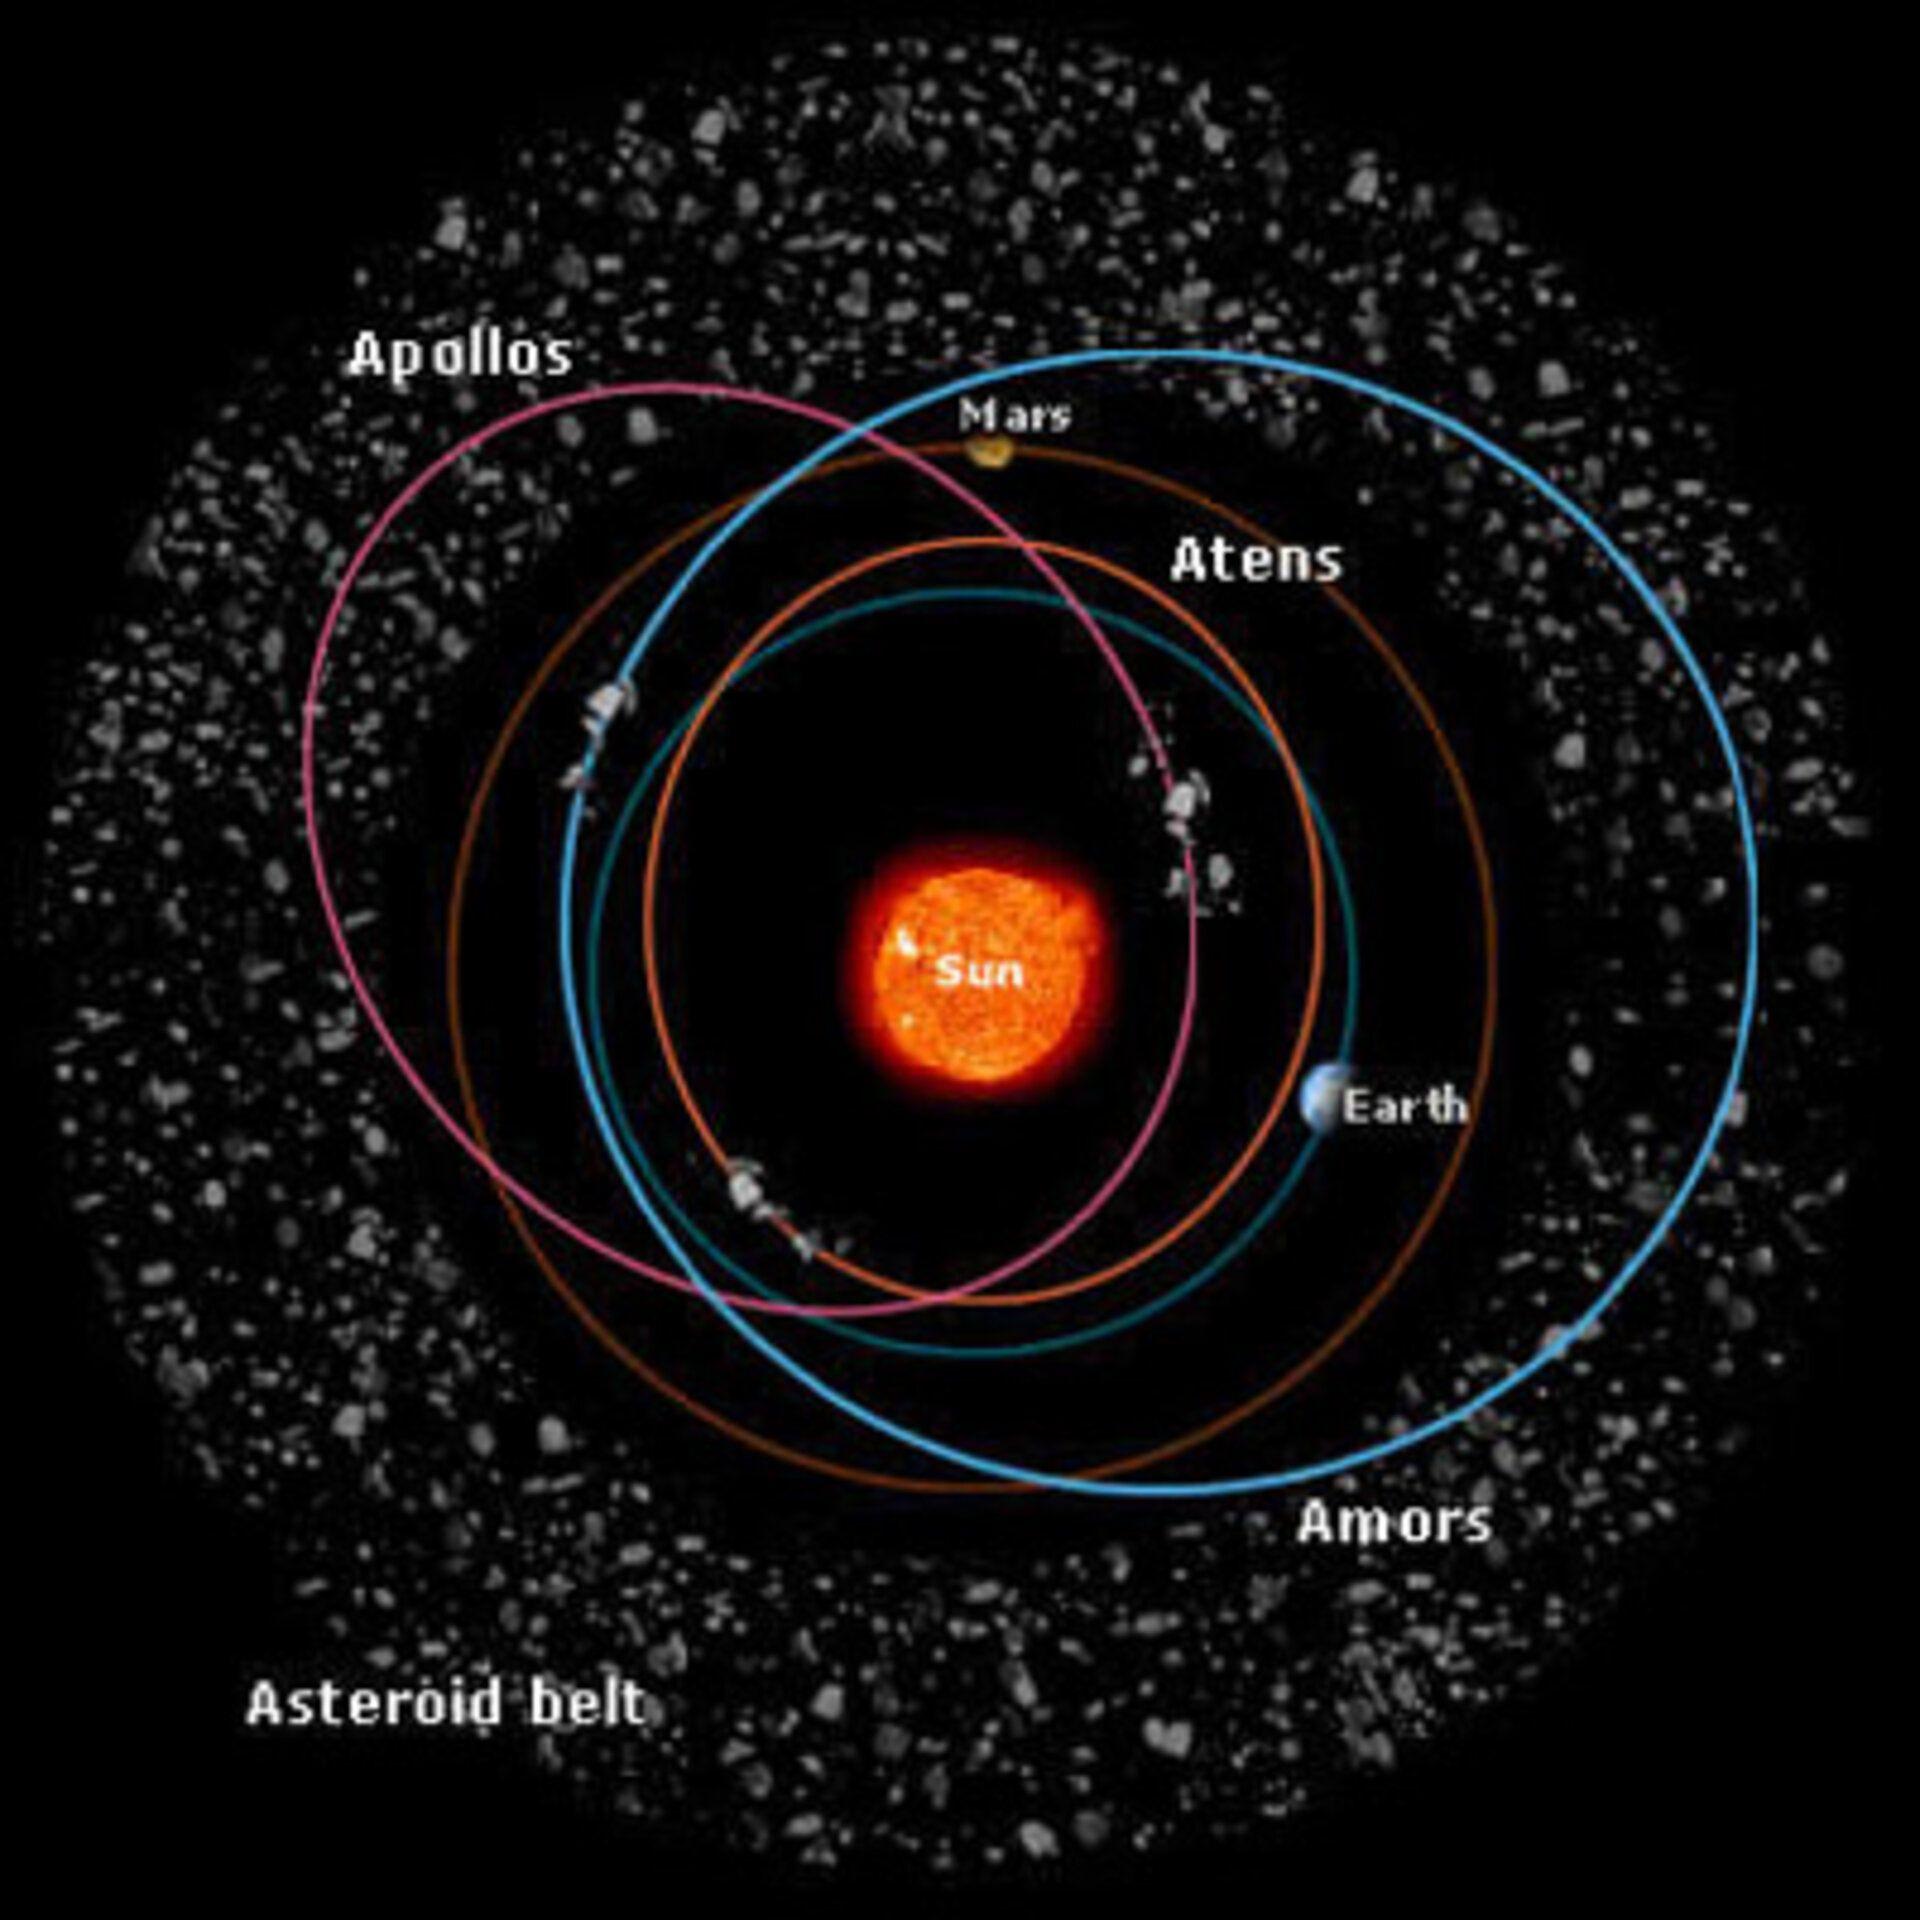 Esquema representando as órbitas da Terra, Marte, famílias de objetos próximos da Terra (Apollo, Atenas e Amors) e o Cinturão Principal de Asteroides. Crédito: European Space Agency.